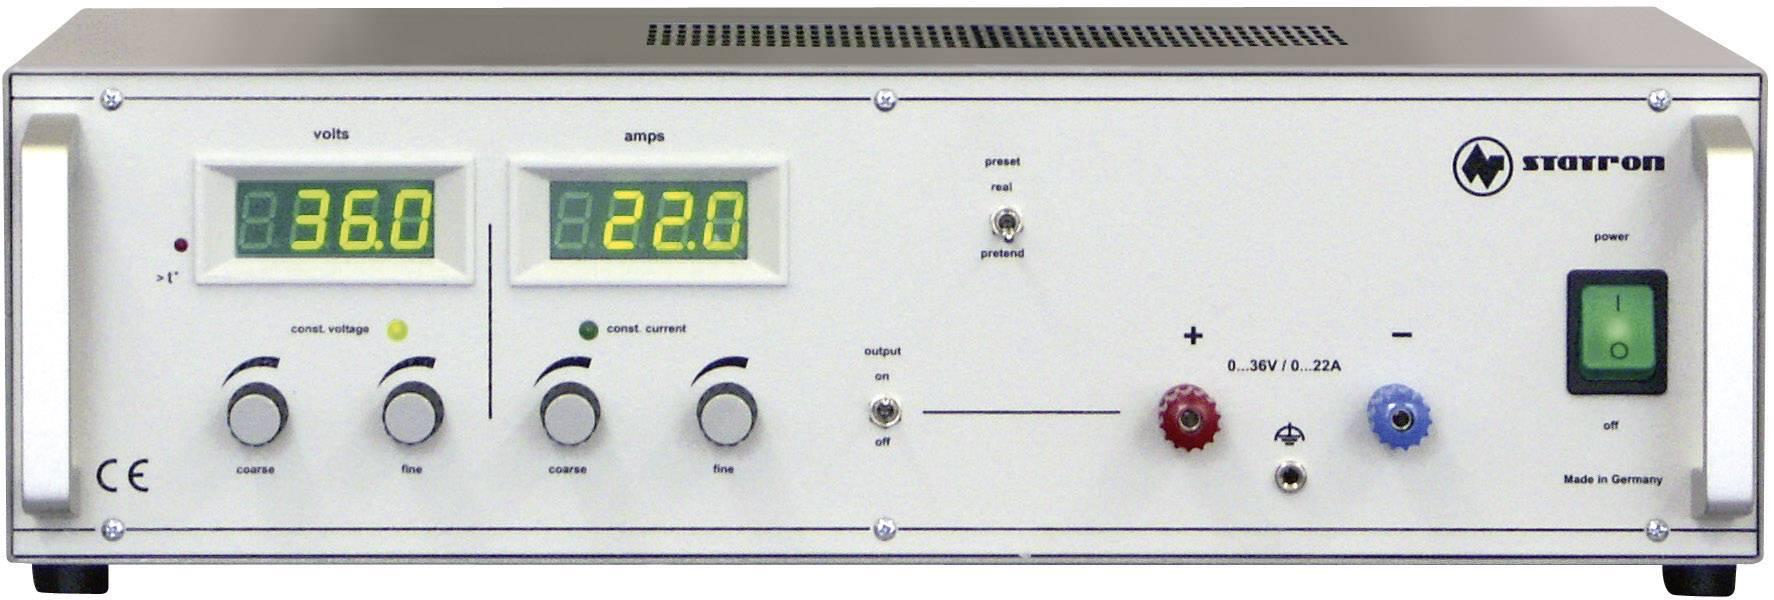 Lineární laboratorní zdroj Statron 3254.1, 0 - 36 V, 0 - 22 A